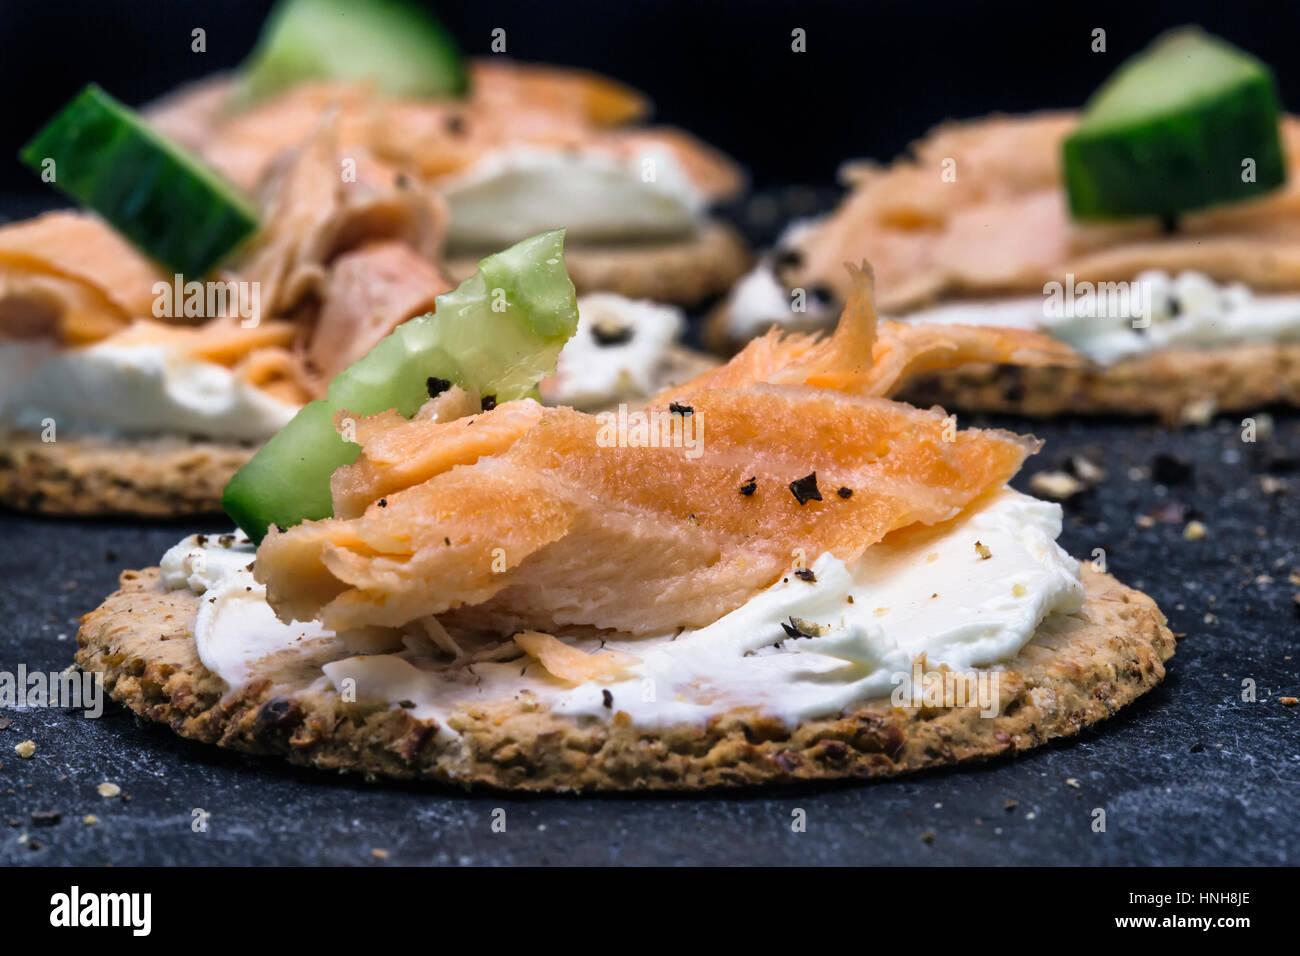 Canapés de concombre et saumon sur gâteaux d'avoine avec black poivre concassé Photo Stock